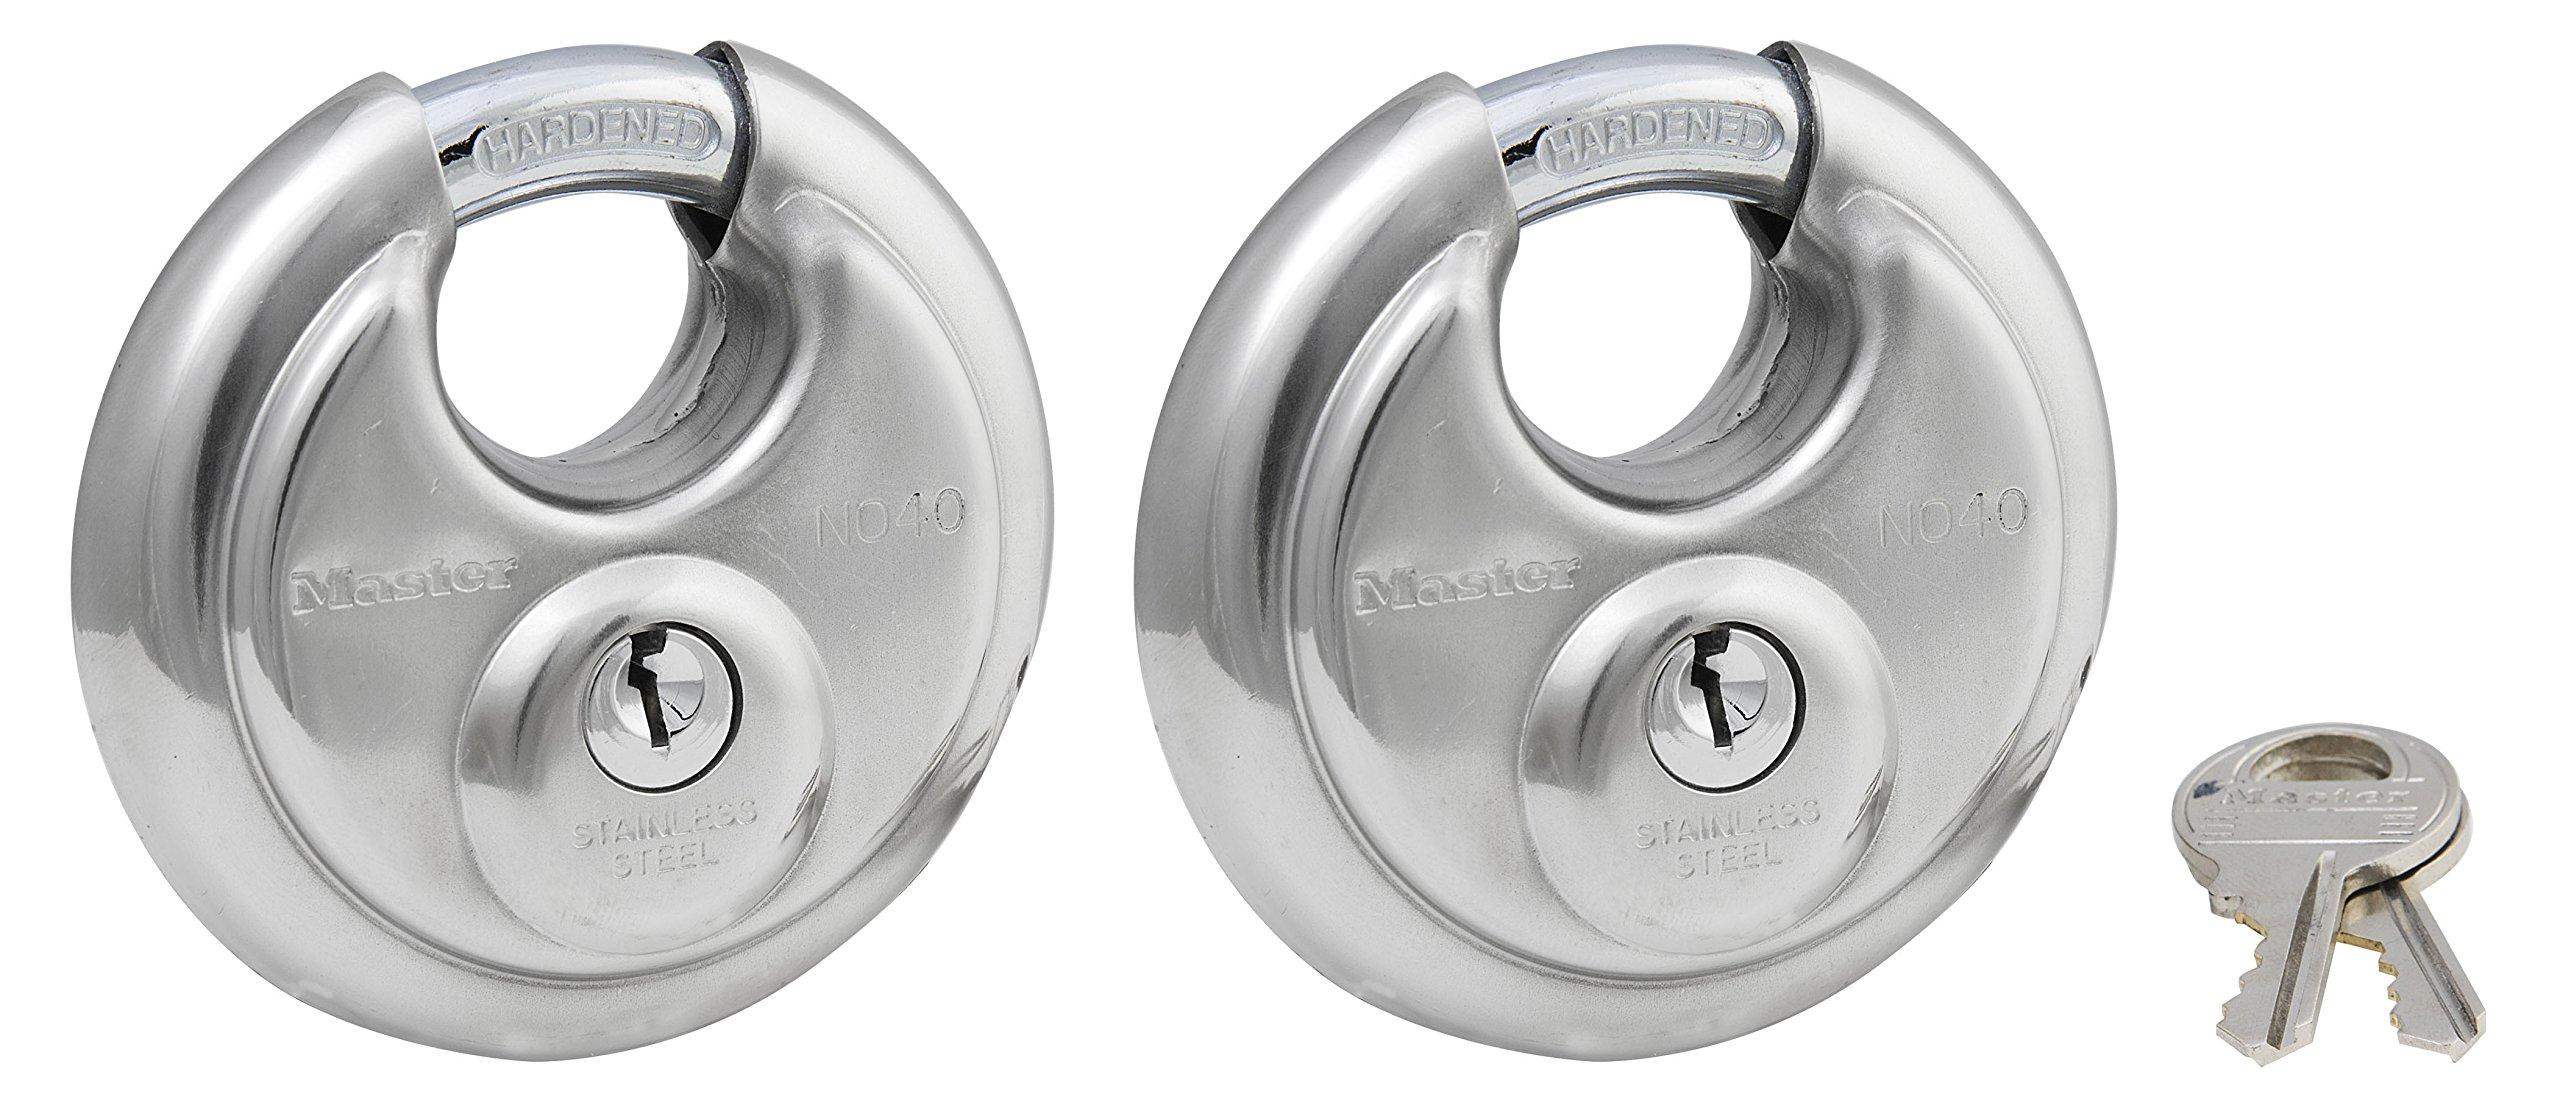 Master Lock Padlock, Stainless Steel Discus Lock, 2-3/4 in. Wide, 40T (Pack of 2-Keyed Alike)